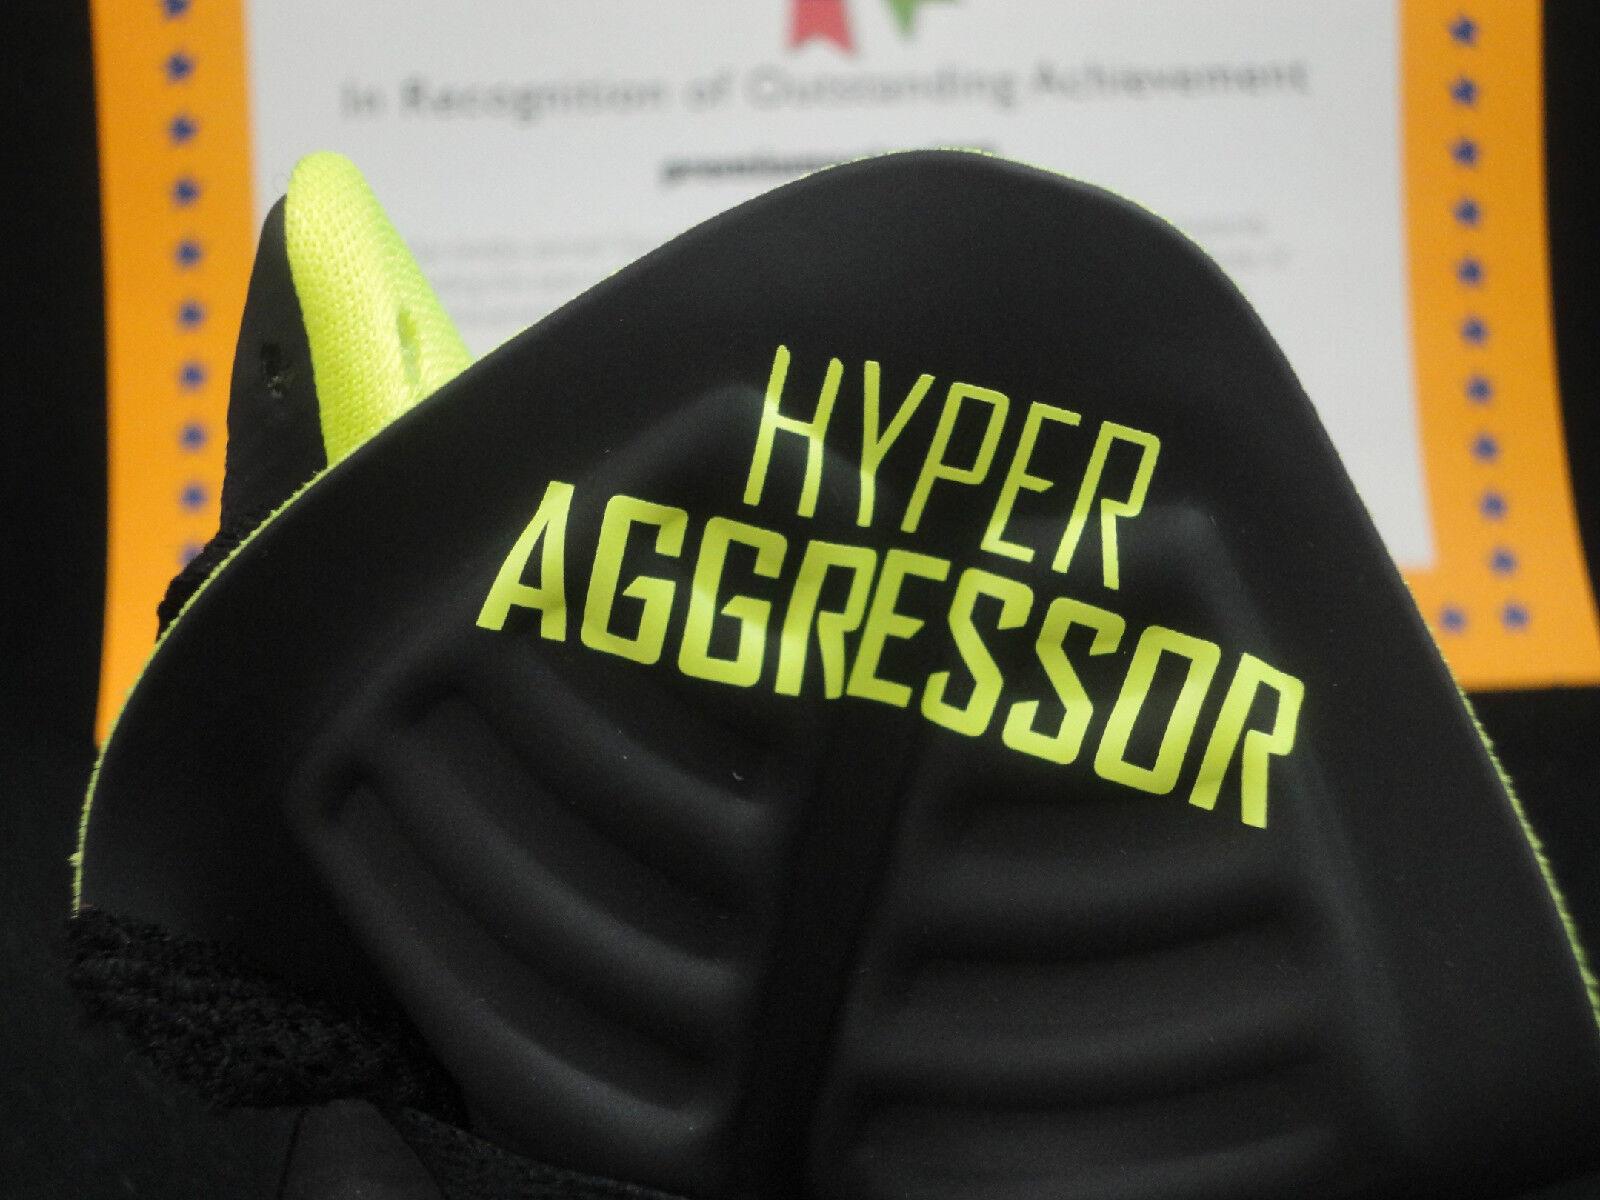 Nike air max hyperaggressor, schwarz / volt, 2012, größe. größe. größe. 271b00